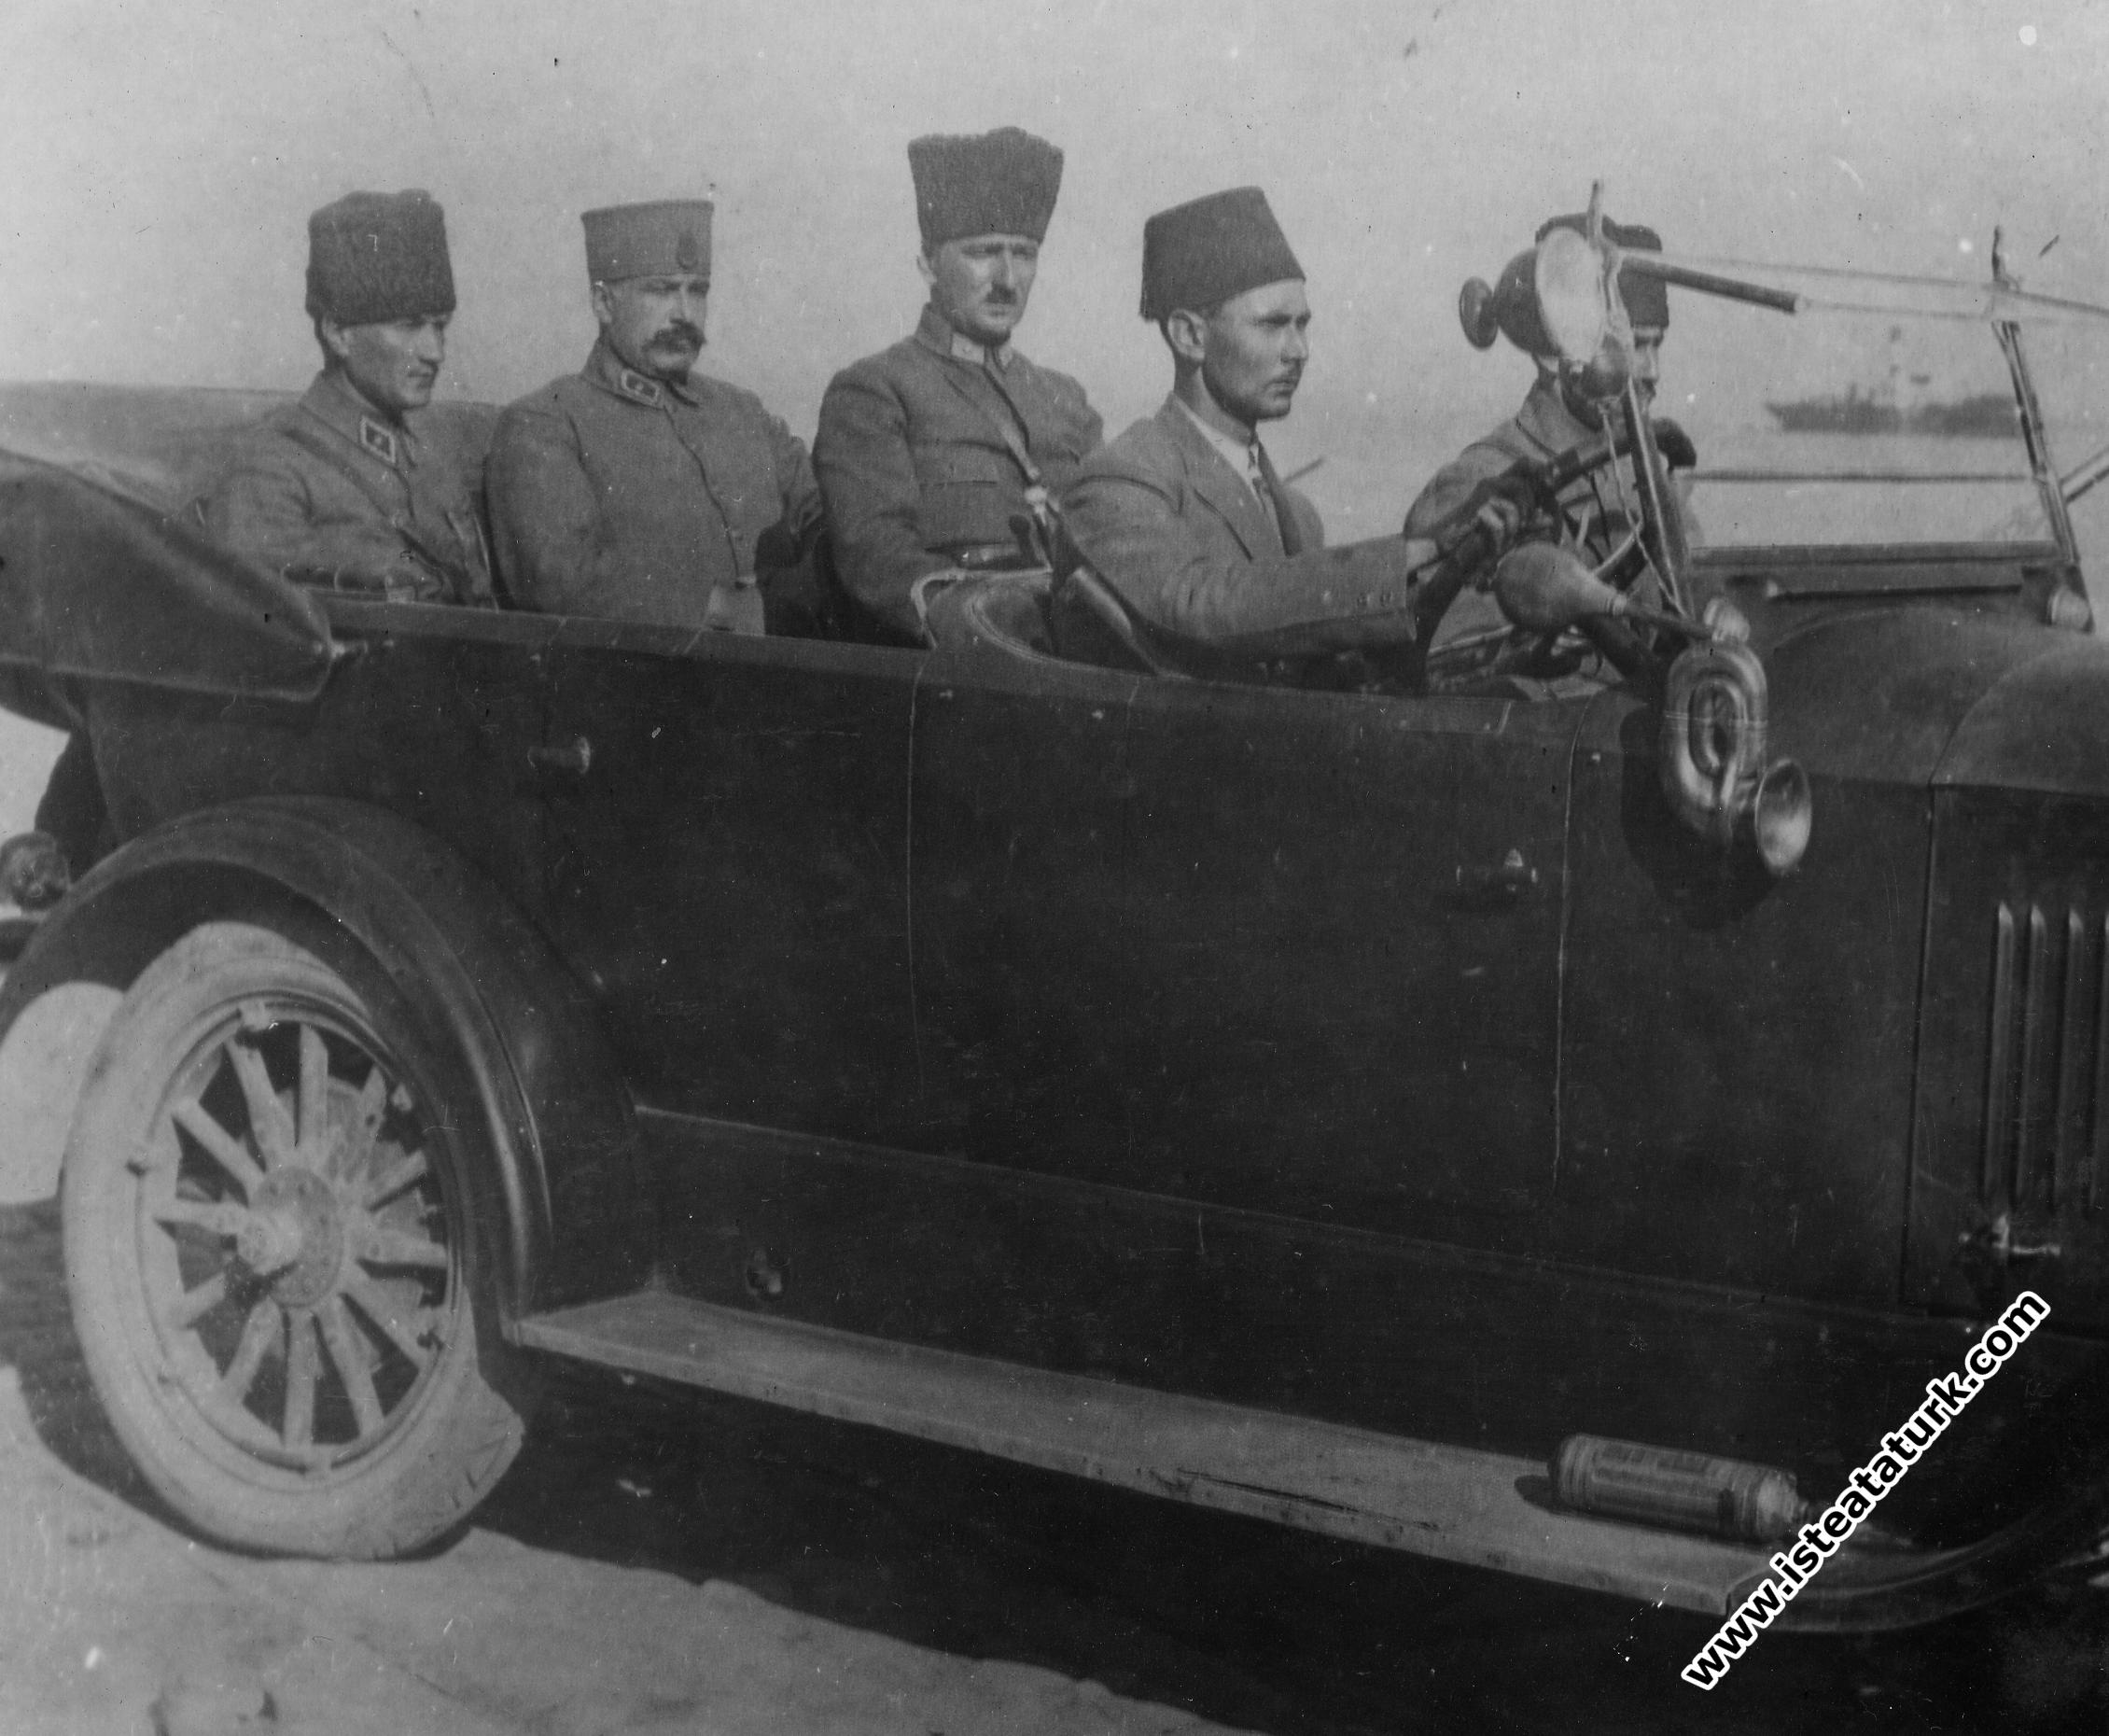 Akşam Yazarı Falih Rıfkı'ya Son Taarruza İlişkin İzmir'de Verilen Demeç, 21.09.1922